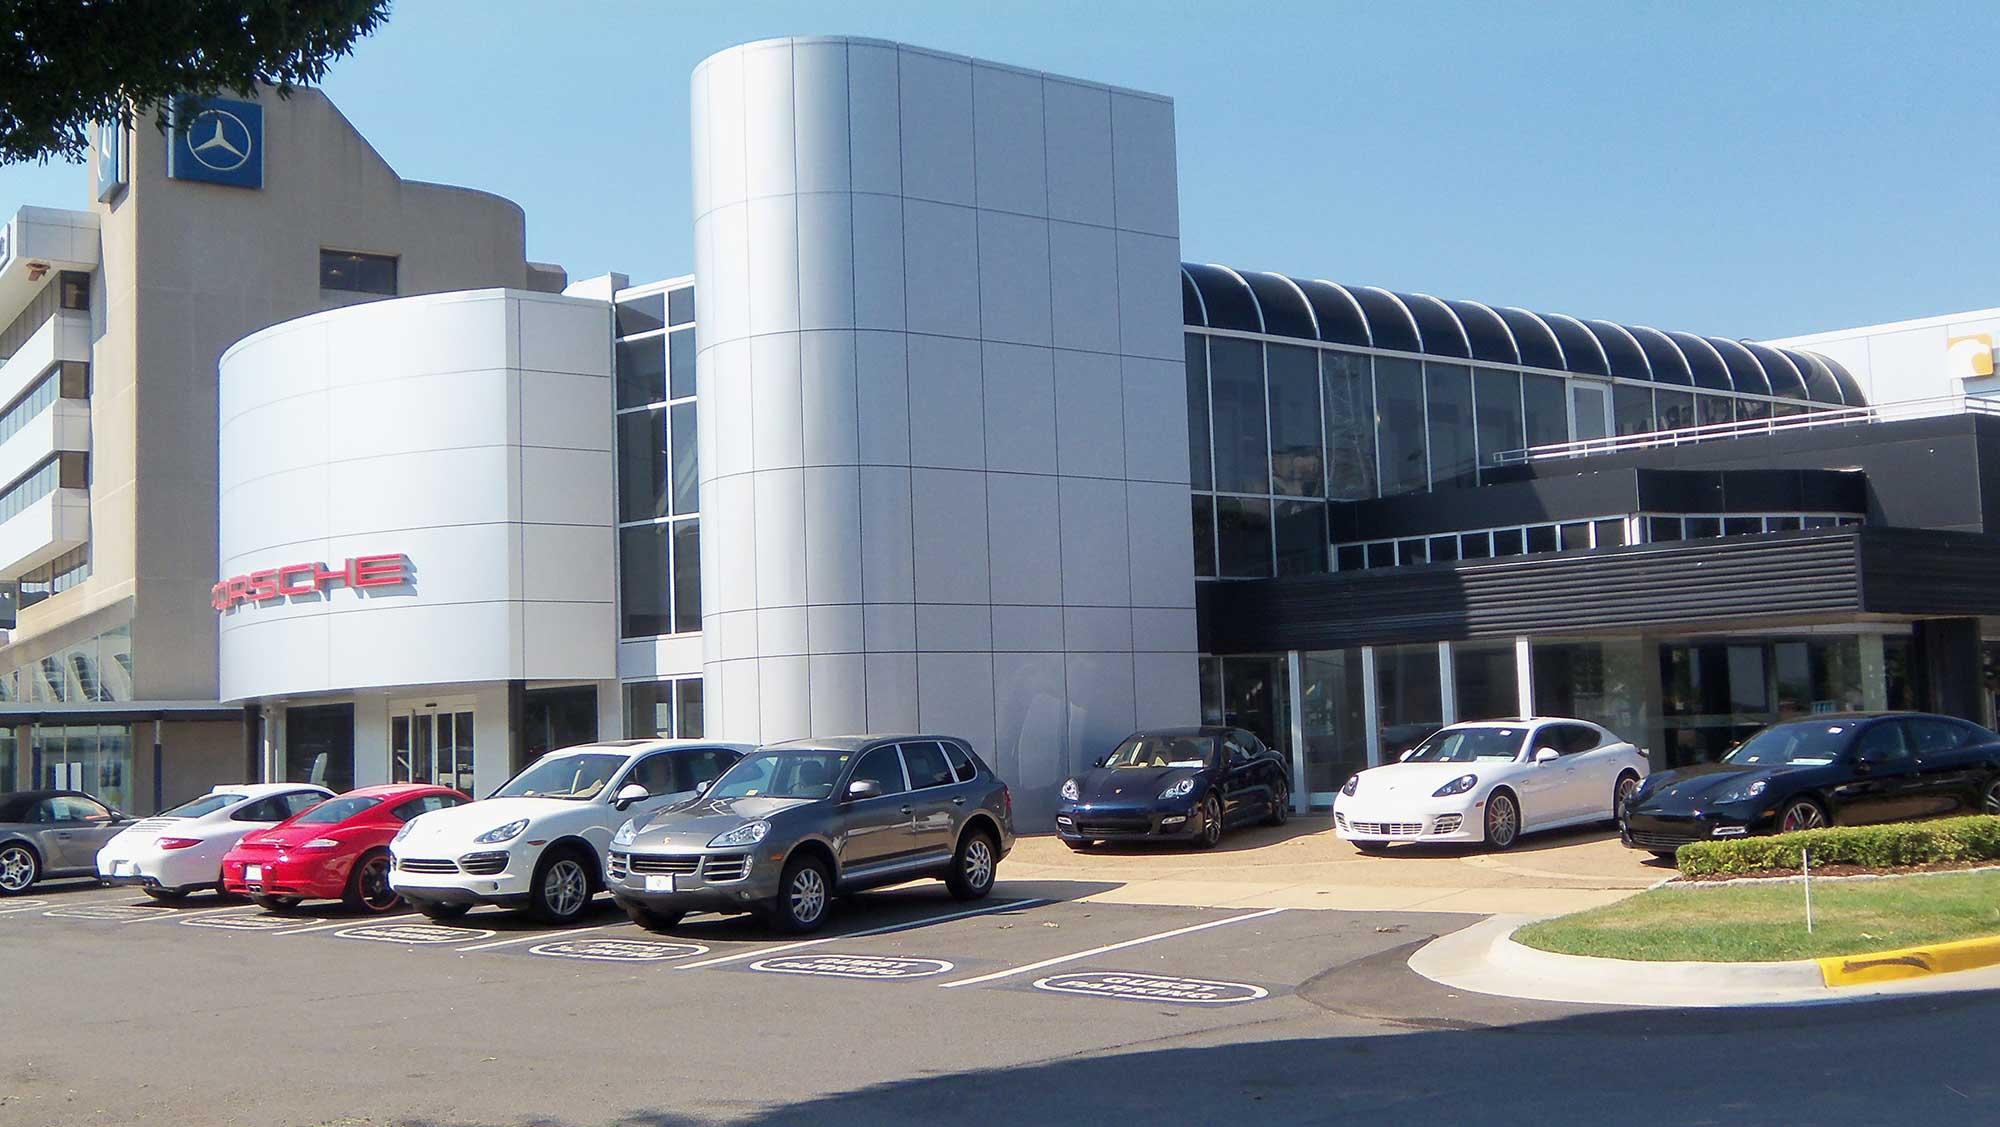 Gallery autobuildersautobuilders for Tysons corner mercedes benz